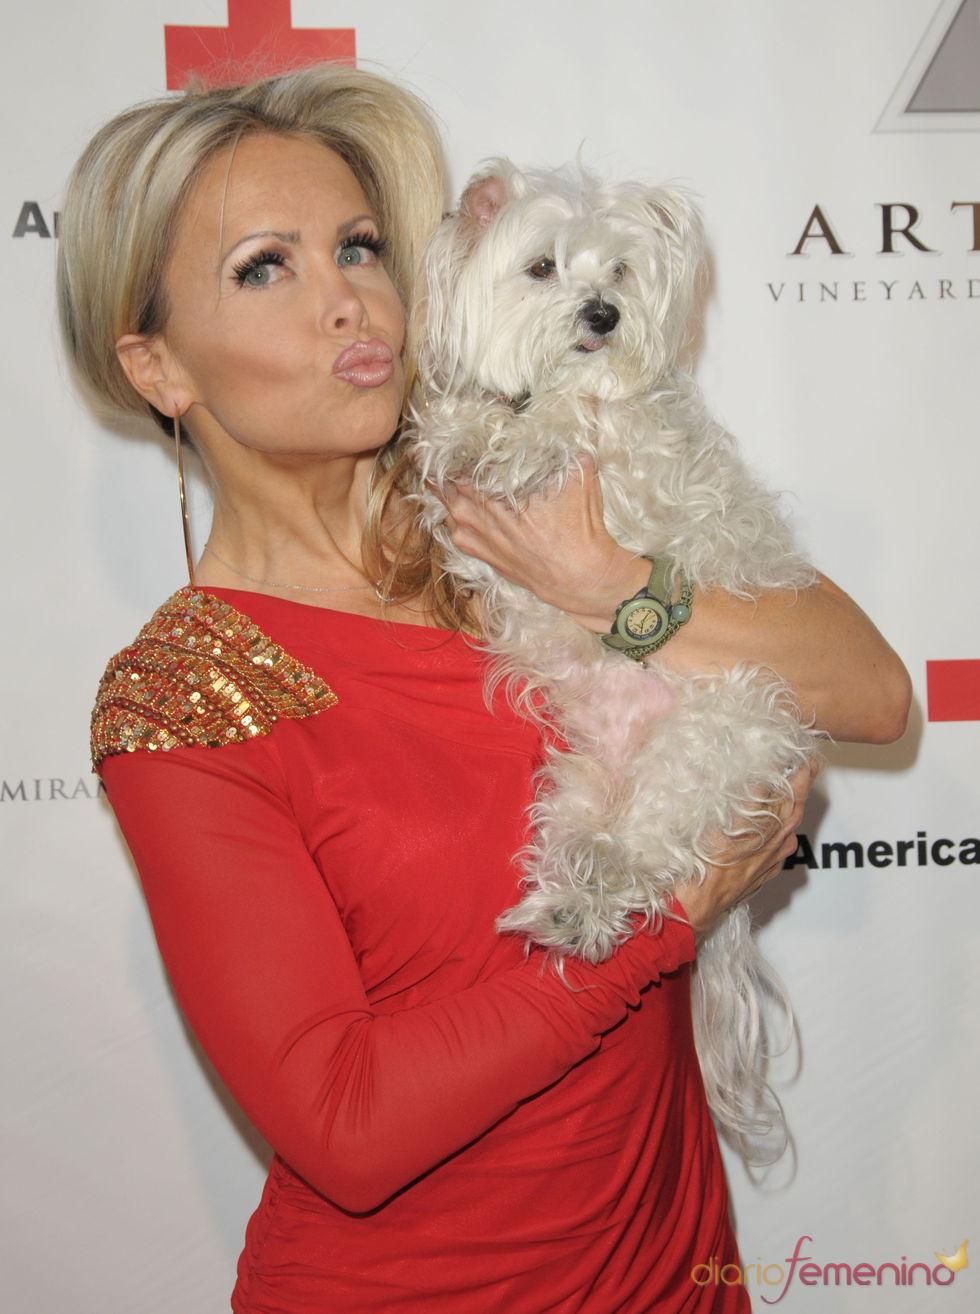 Tamara Henry posa con su perro en la gala 2011 de la Cruz Roja Americana